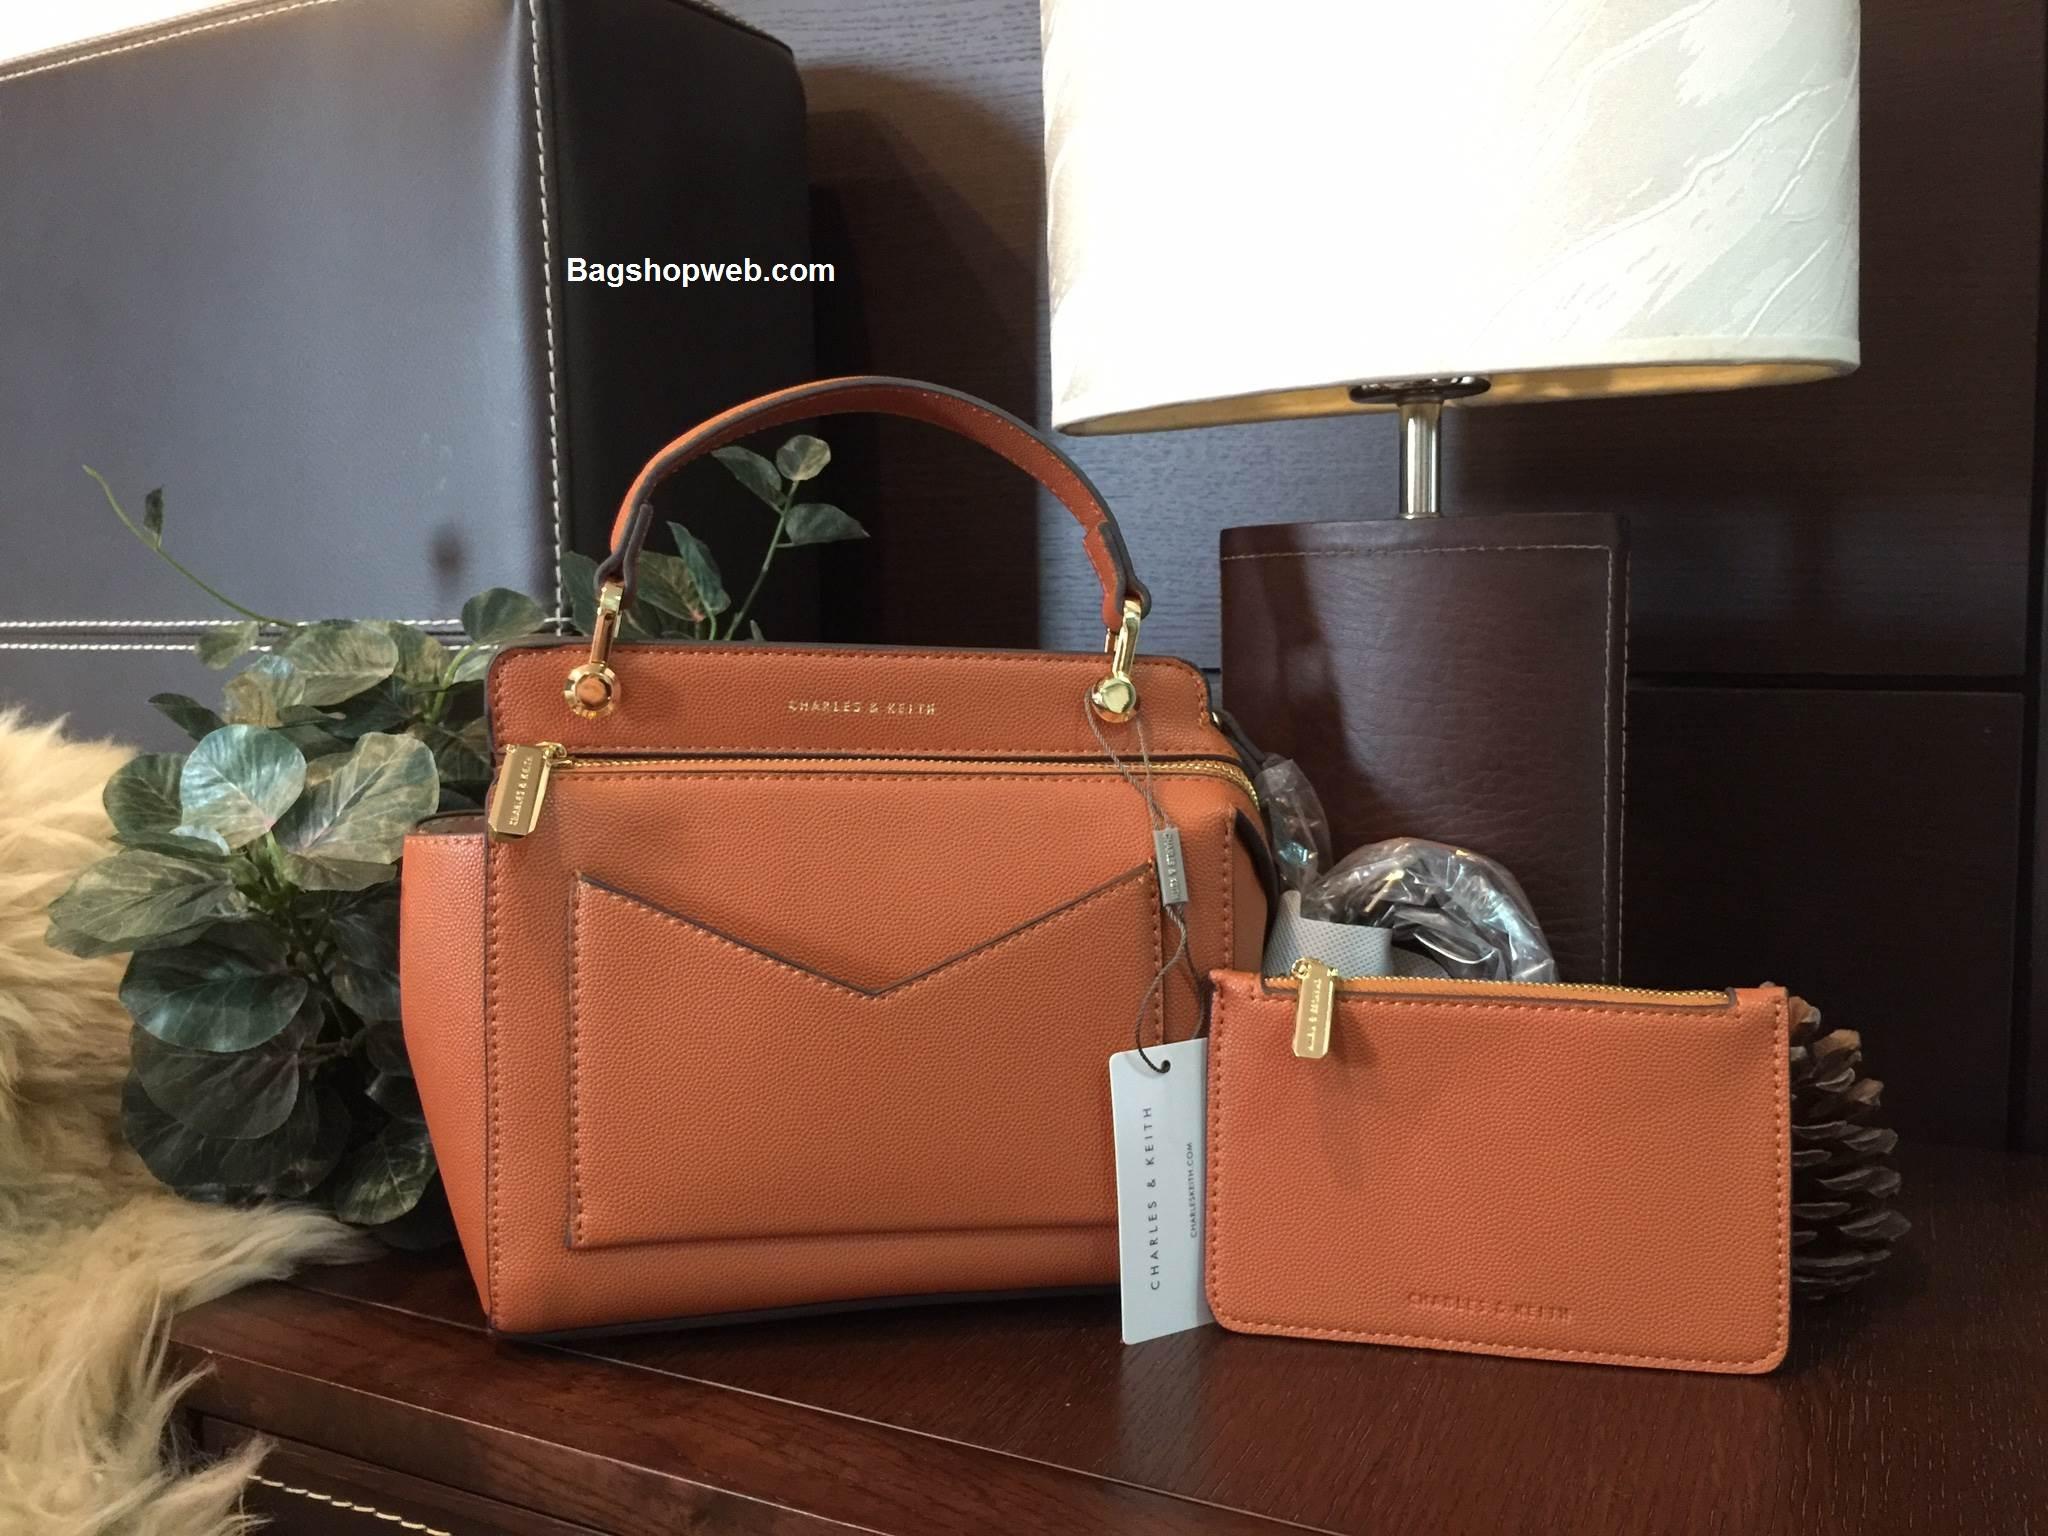 กระเป๋า CHARLES & KEITH TOP HANDLE BAG (Size Mini) Orange ราคา 1,490 บาท Free EMS